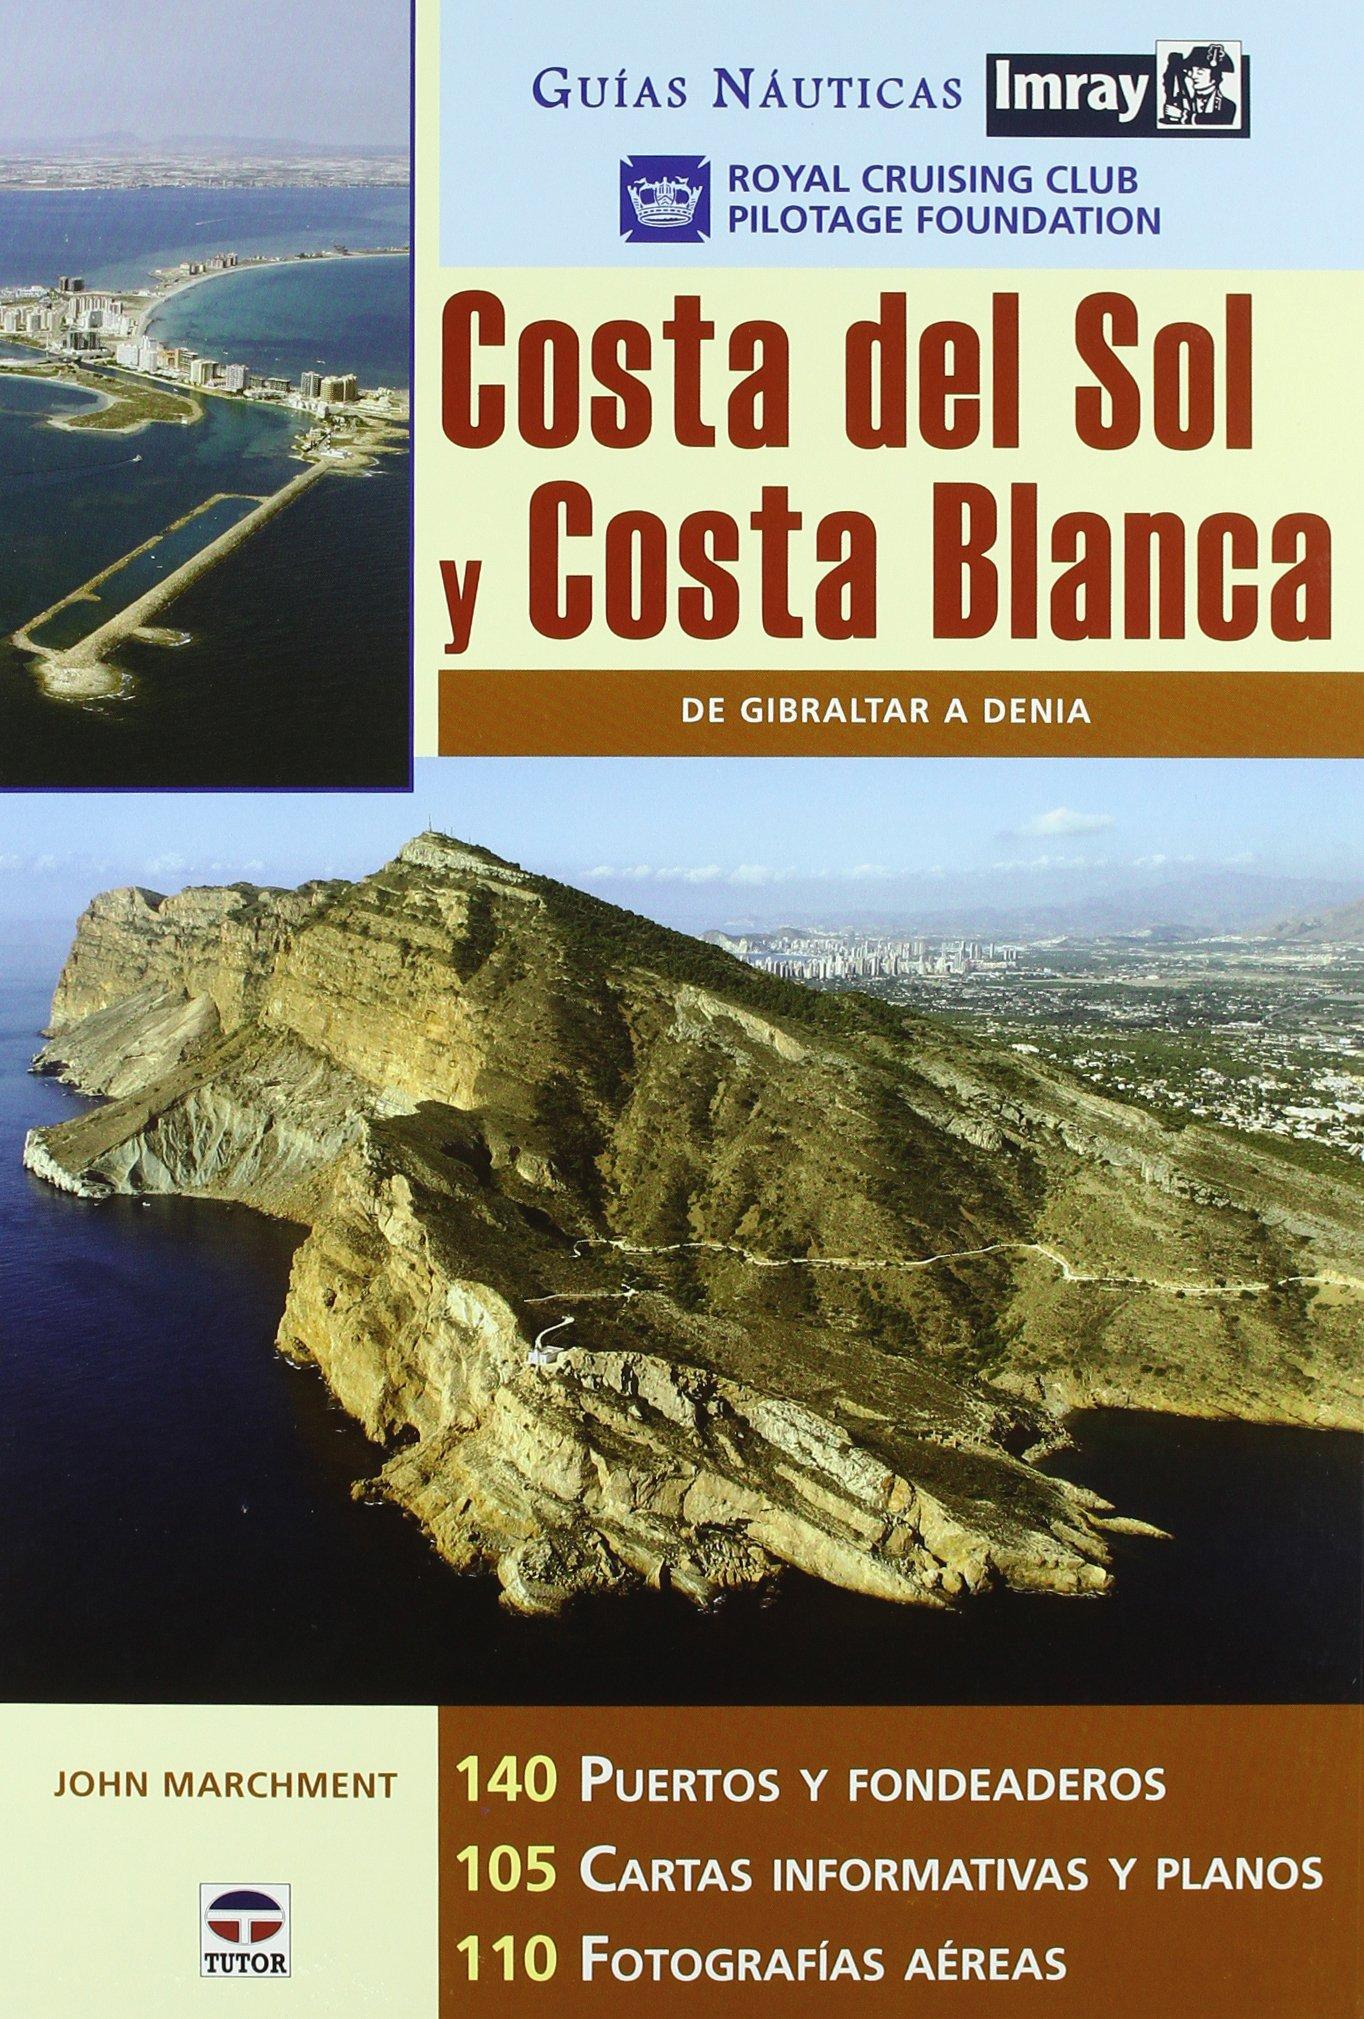 Guias Náuticas Imray. COSTA DEL SOL Y COSTA BLANCA.: Amazon ...